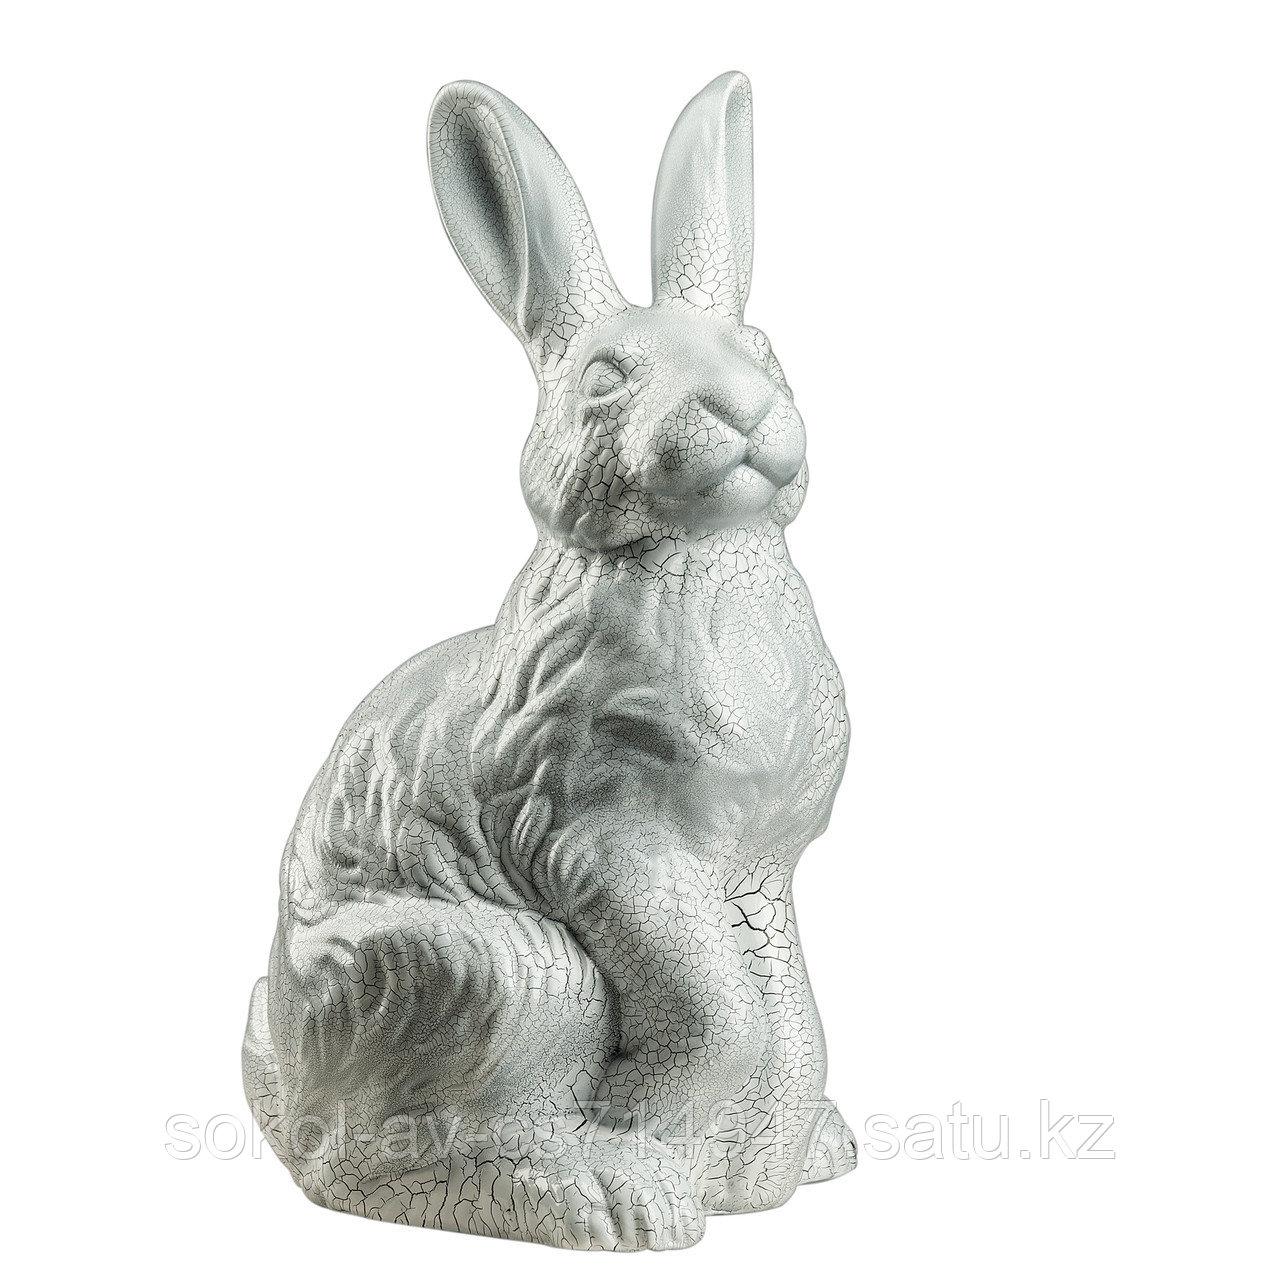 Копилка / статуэтка керамическая Заяц / кролик, высота 40 см, 001